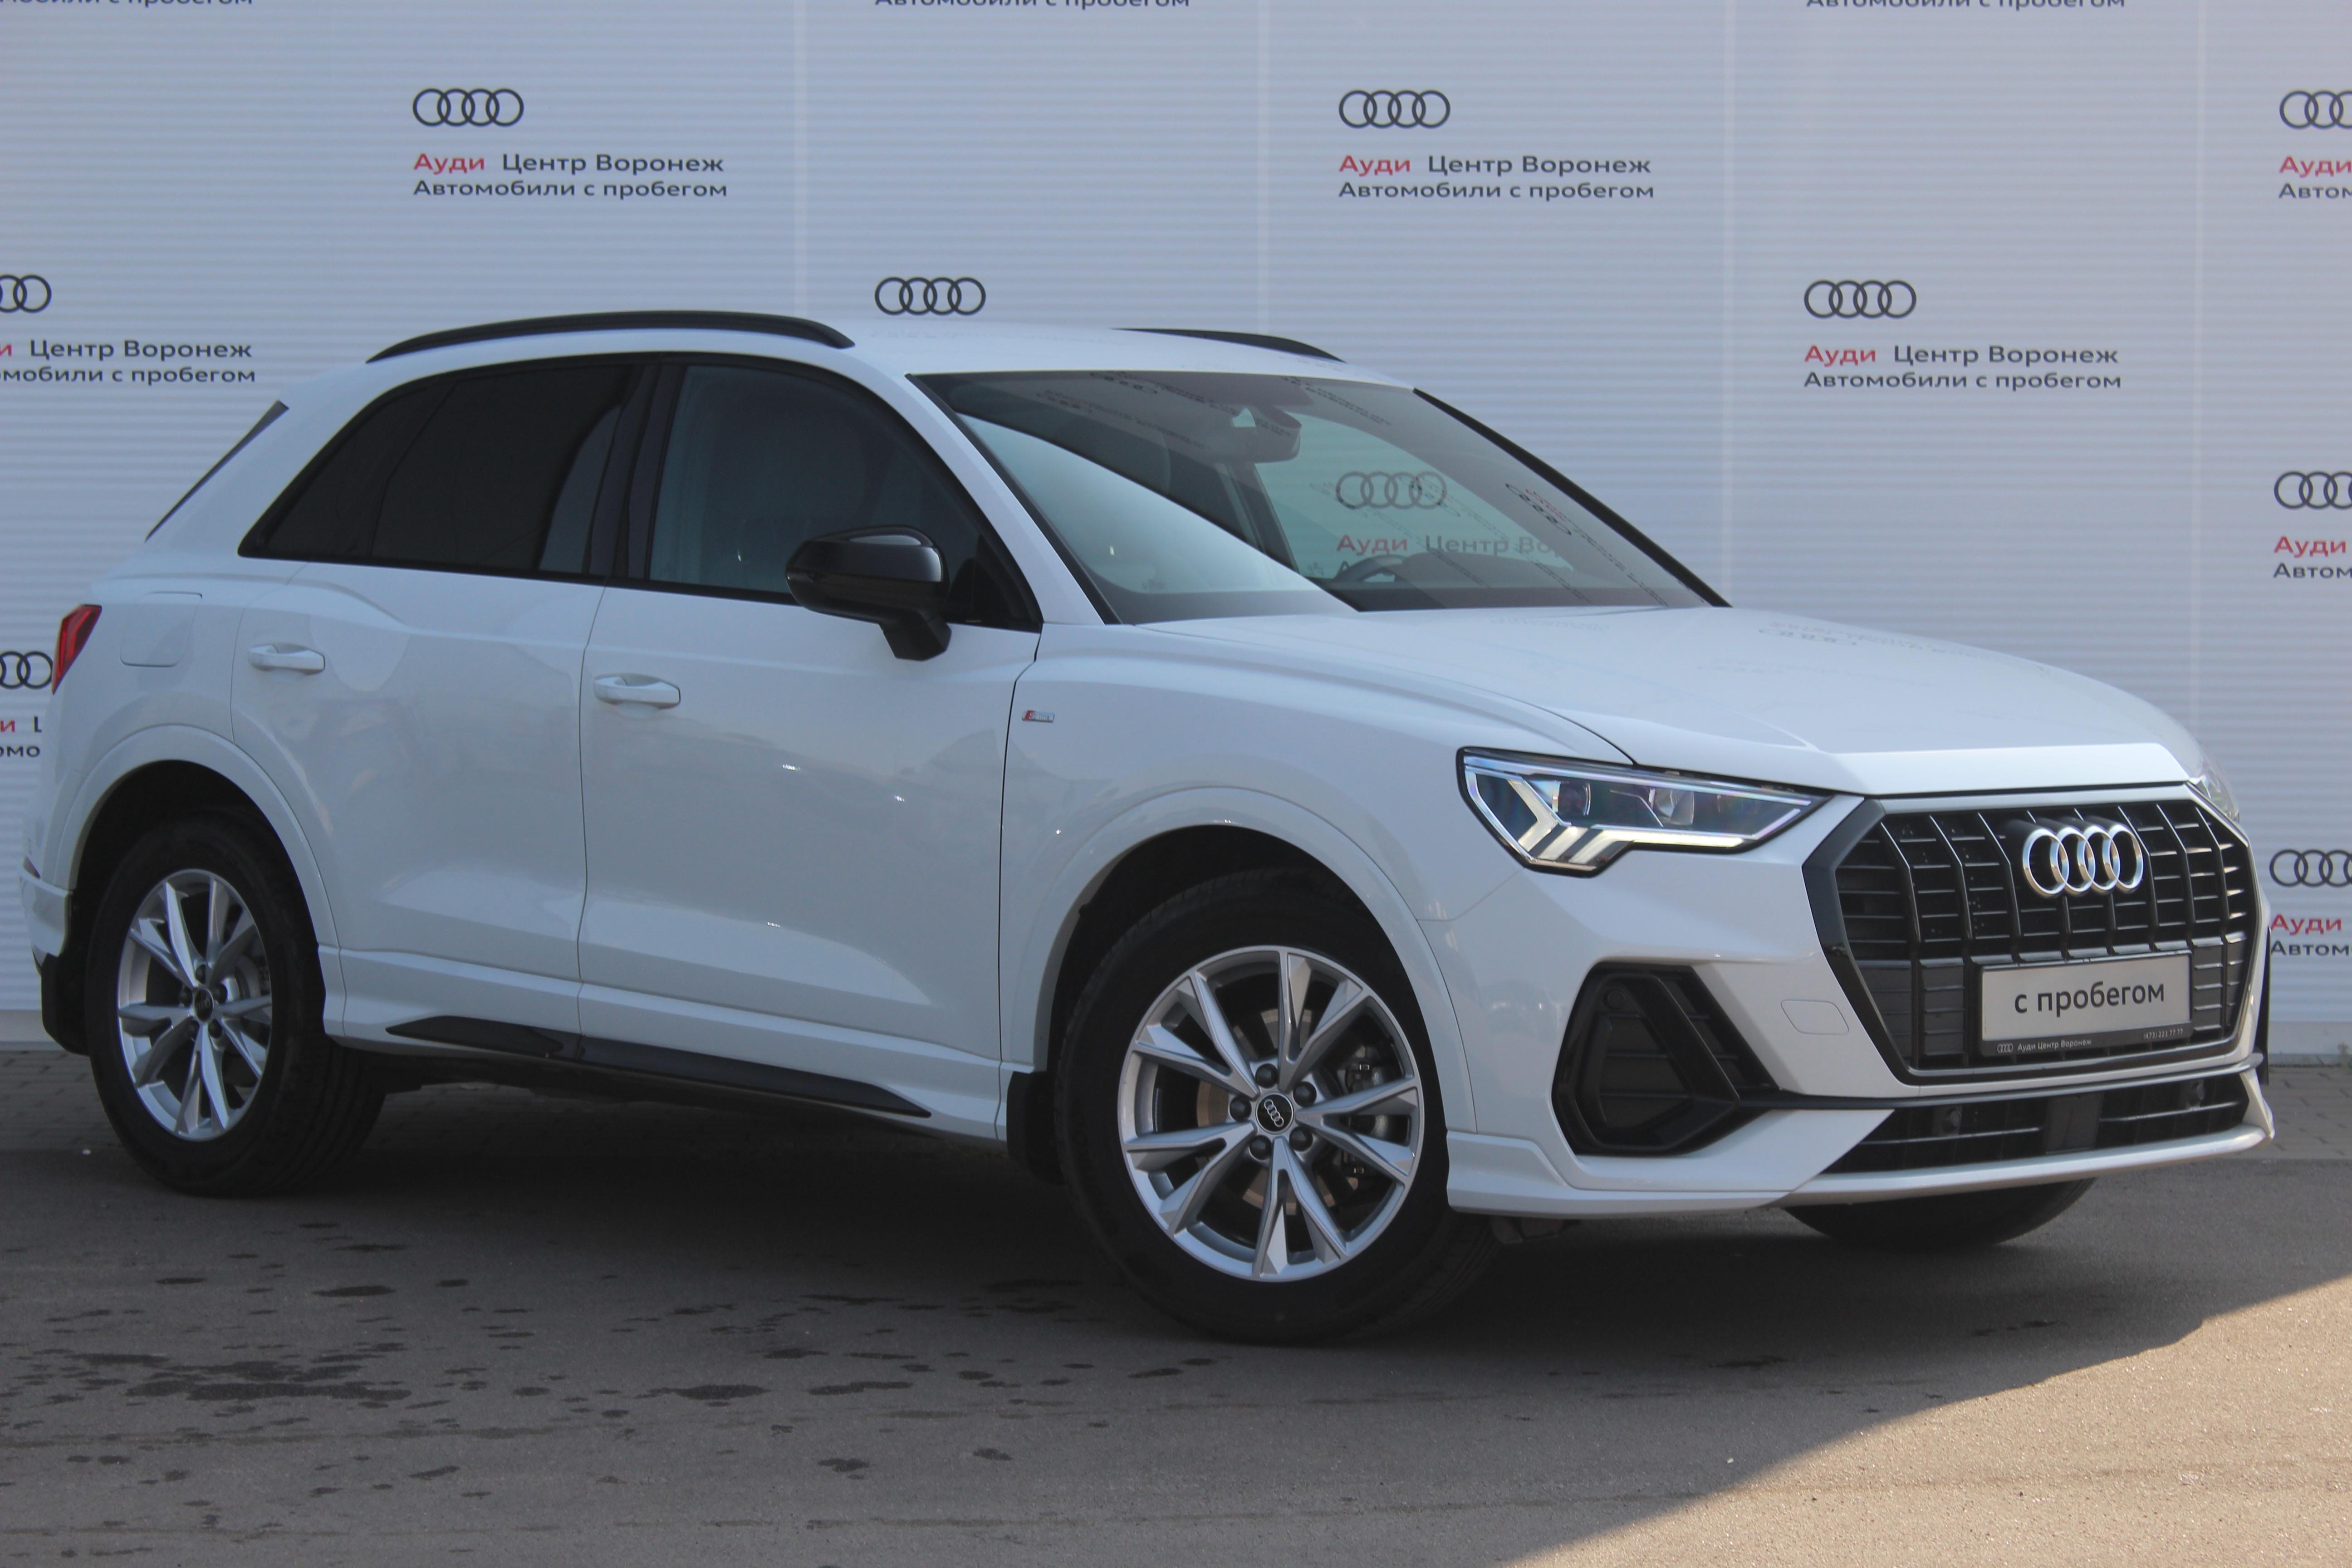 Audi Q3 Внедорожник (2019г.)